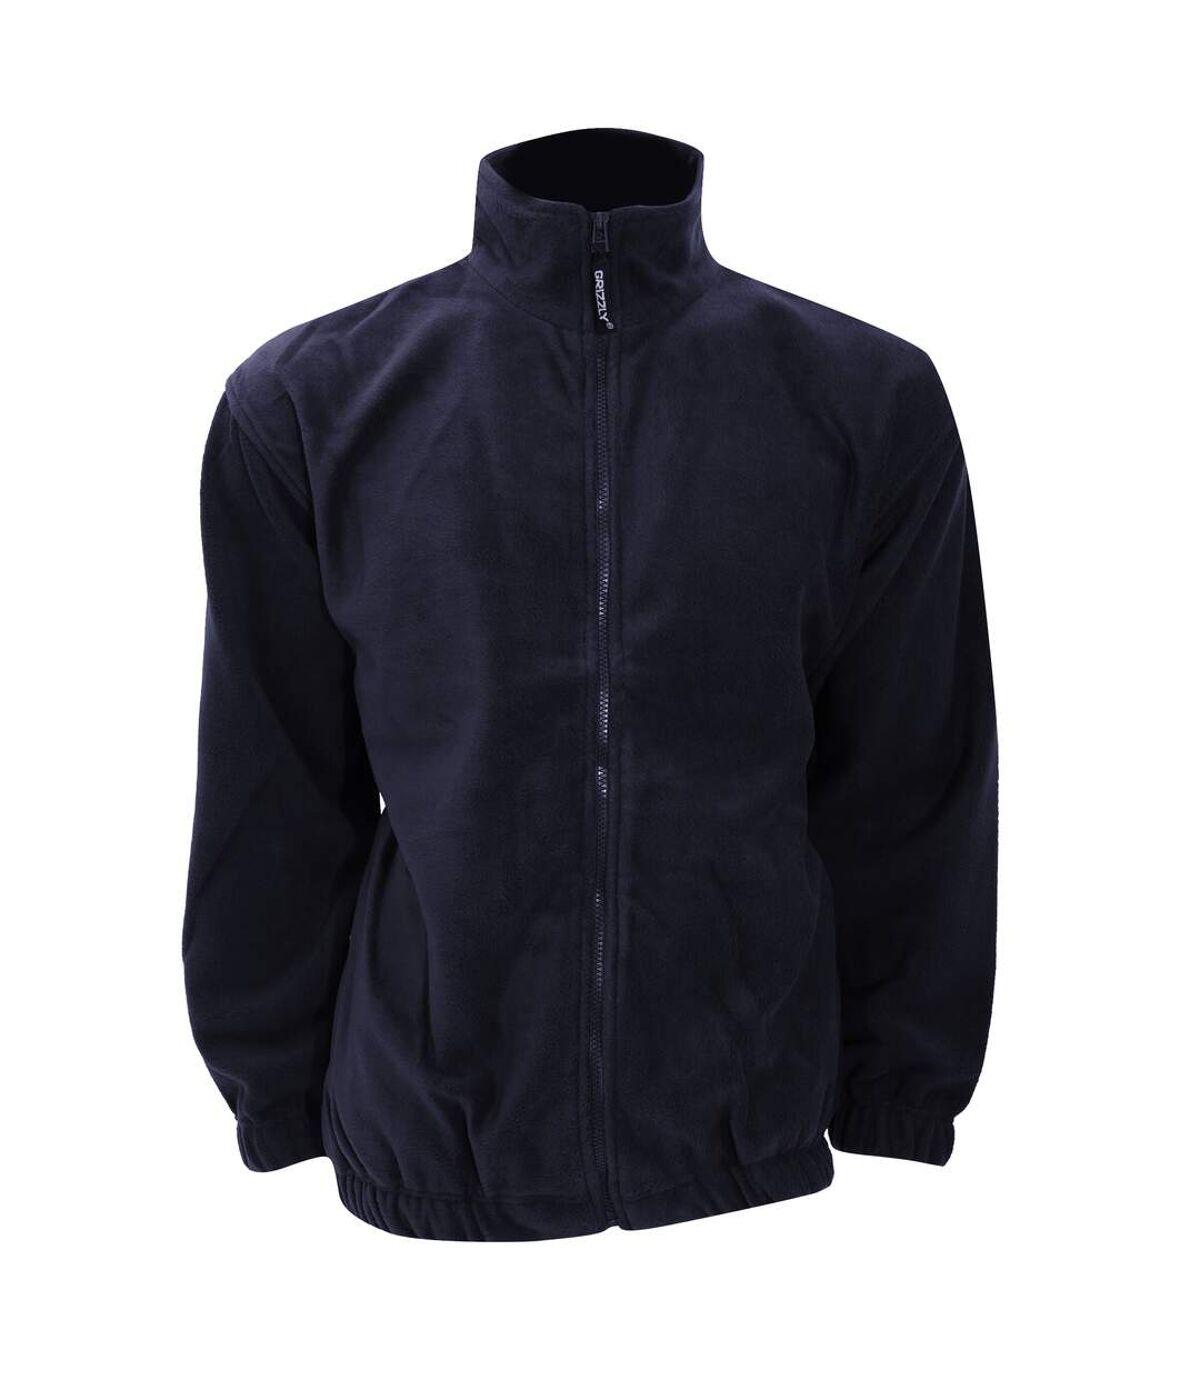 Grizzly® Full Zip Active Fleece Jacket (Black) - UTRW535